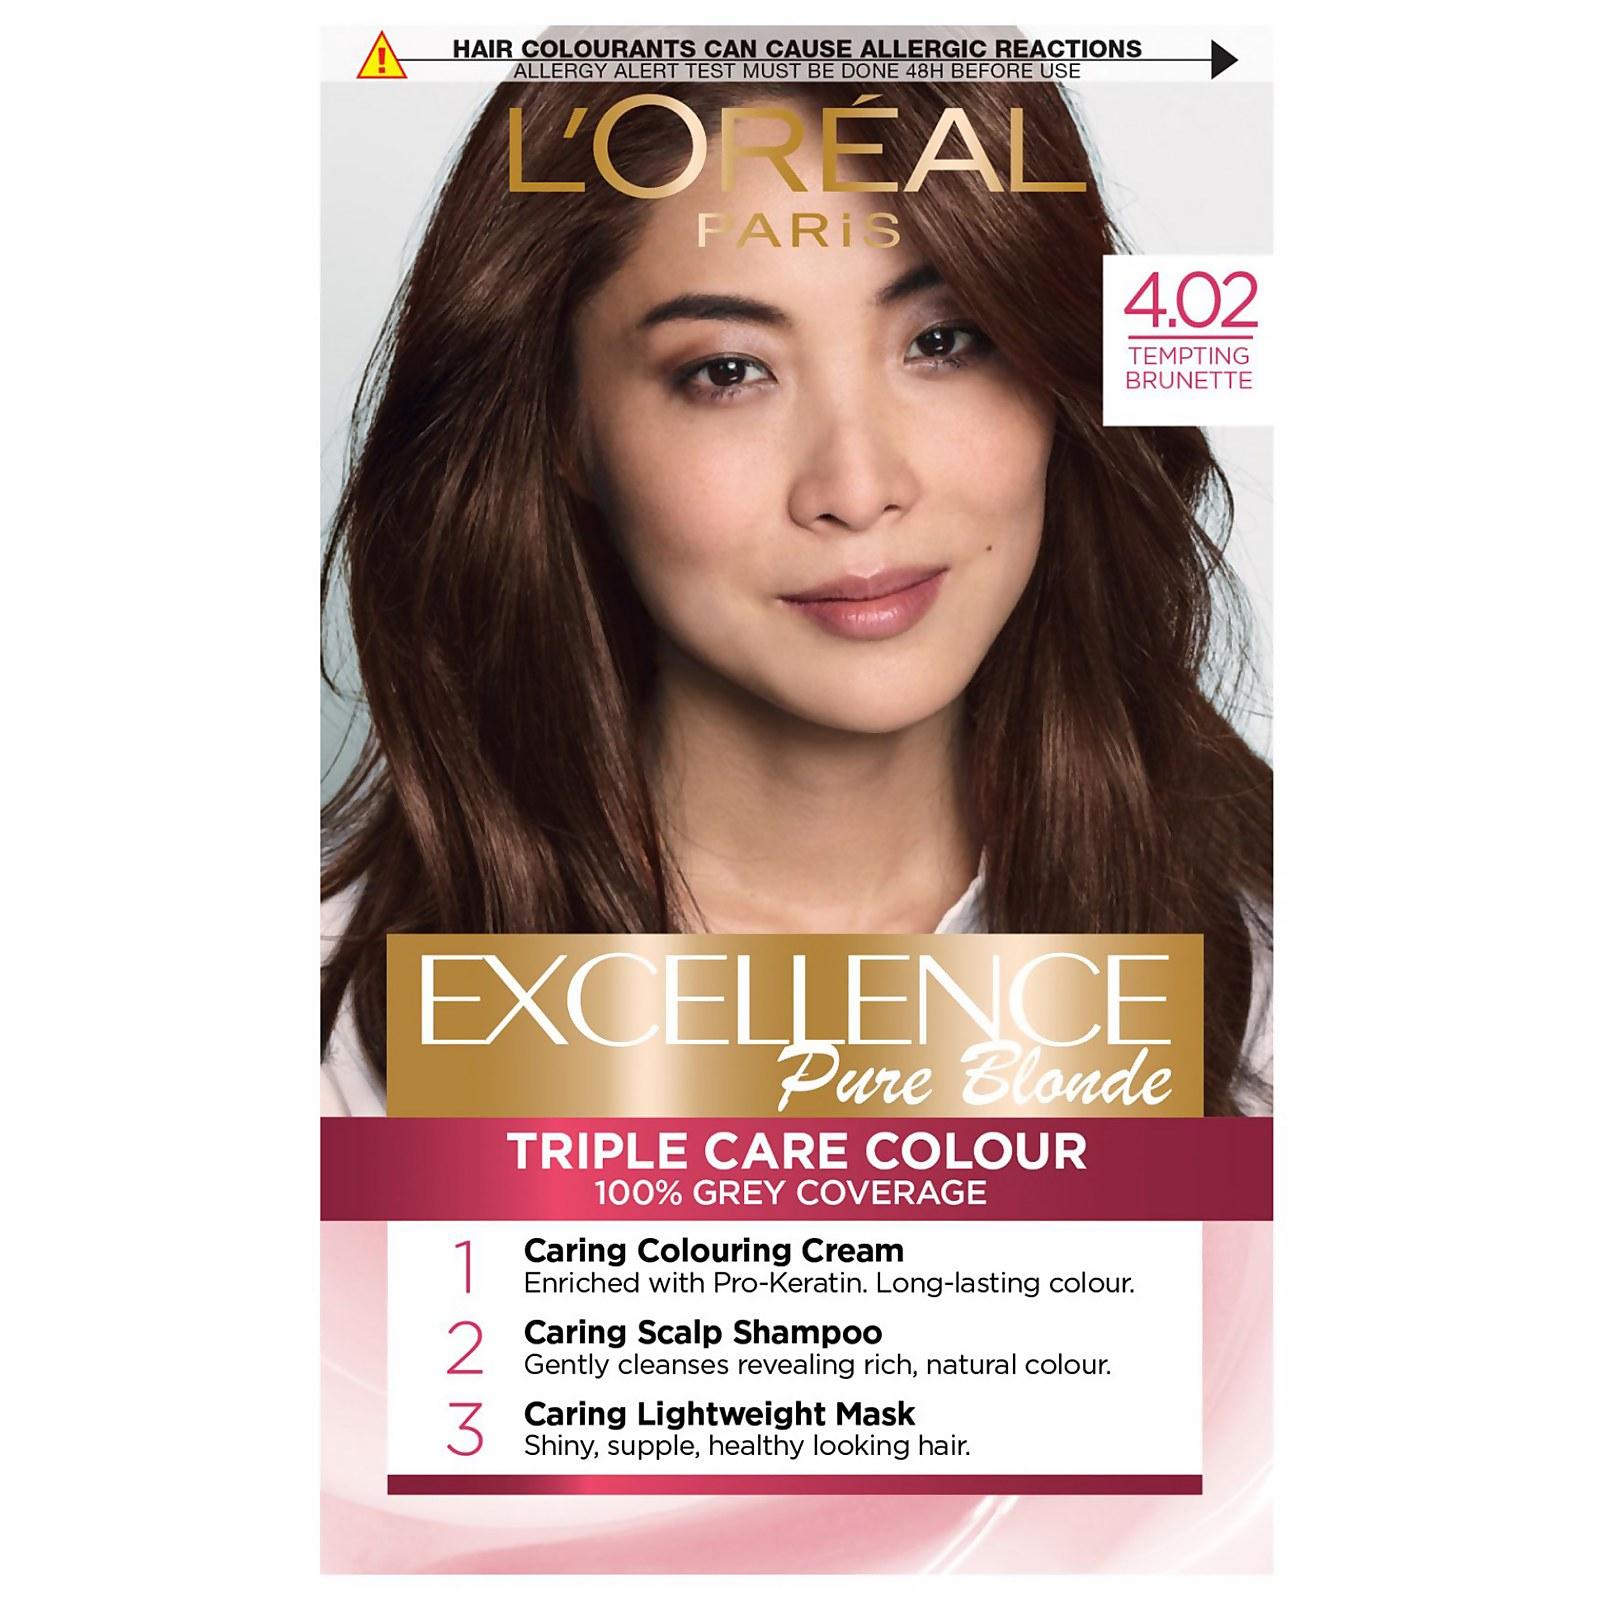 L'Oréal Paris Excellence Crème Permanent Hair Dye (Various Shades) - 4.02 Tempting Brunette